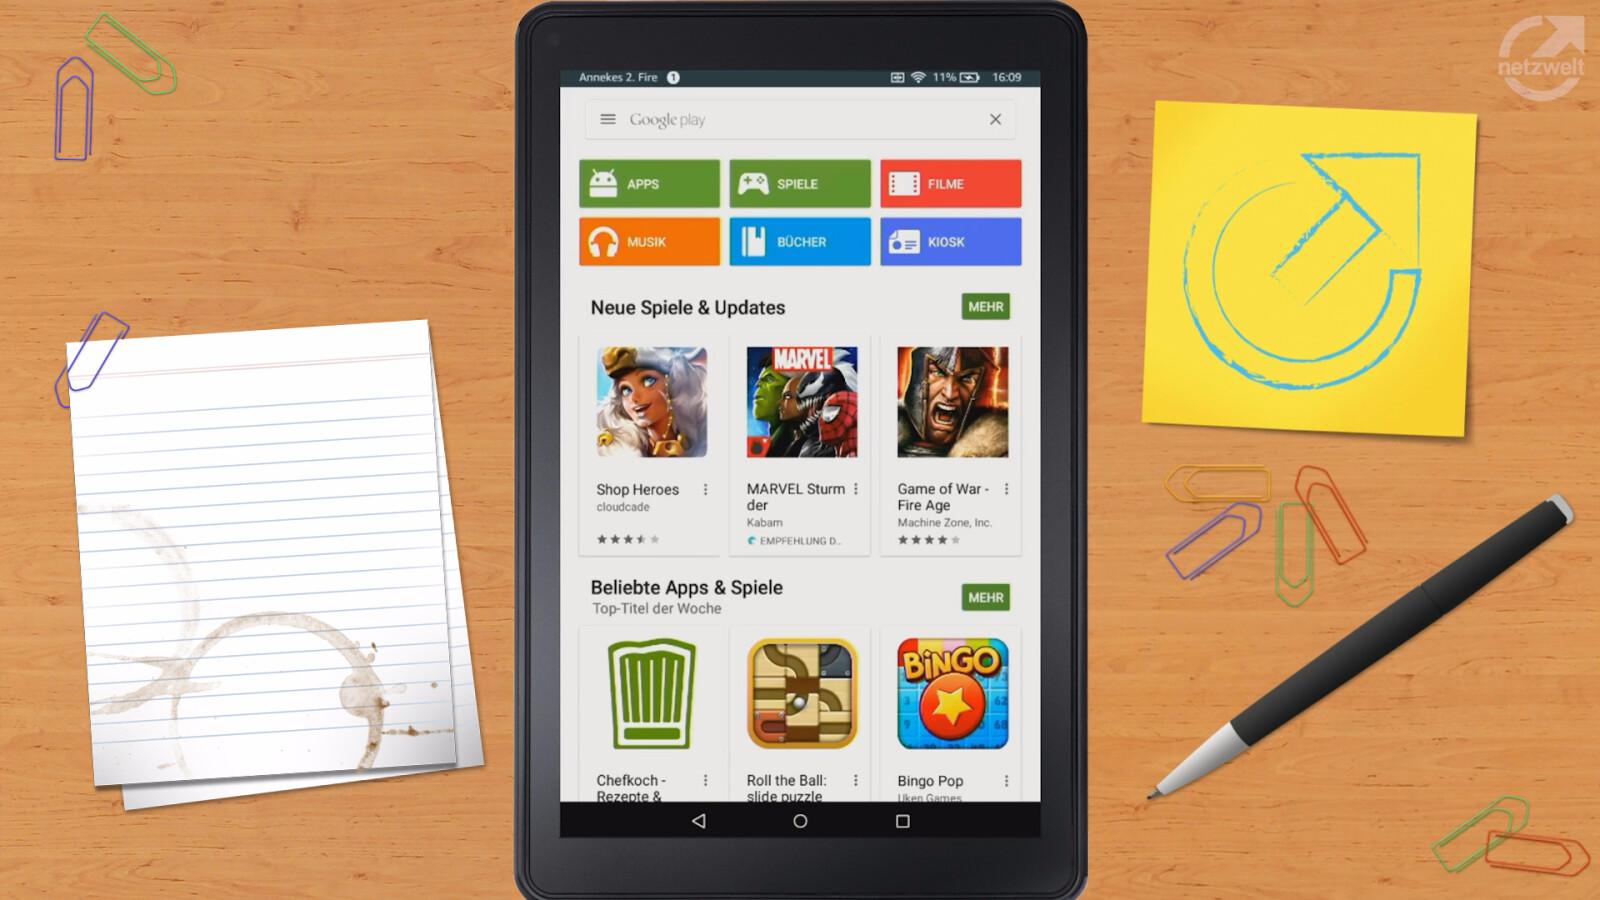 Google Play Store Auf Fire Tablet Installieren